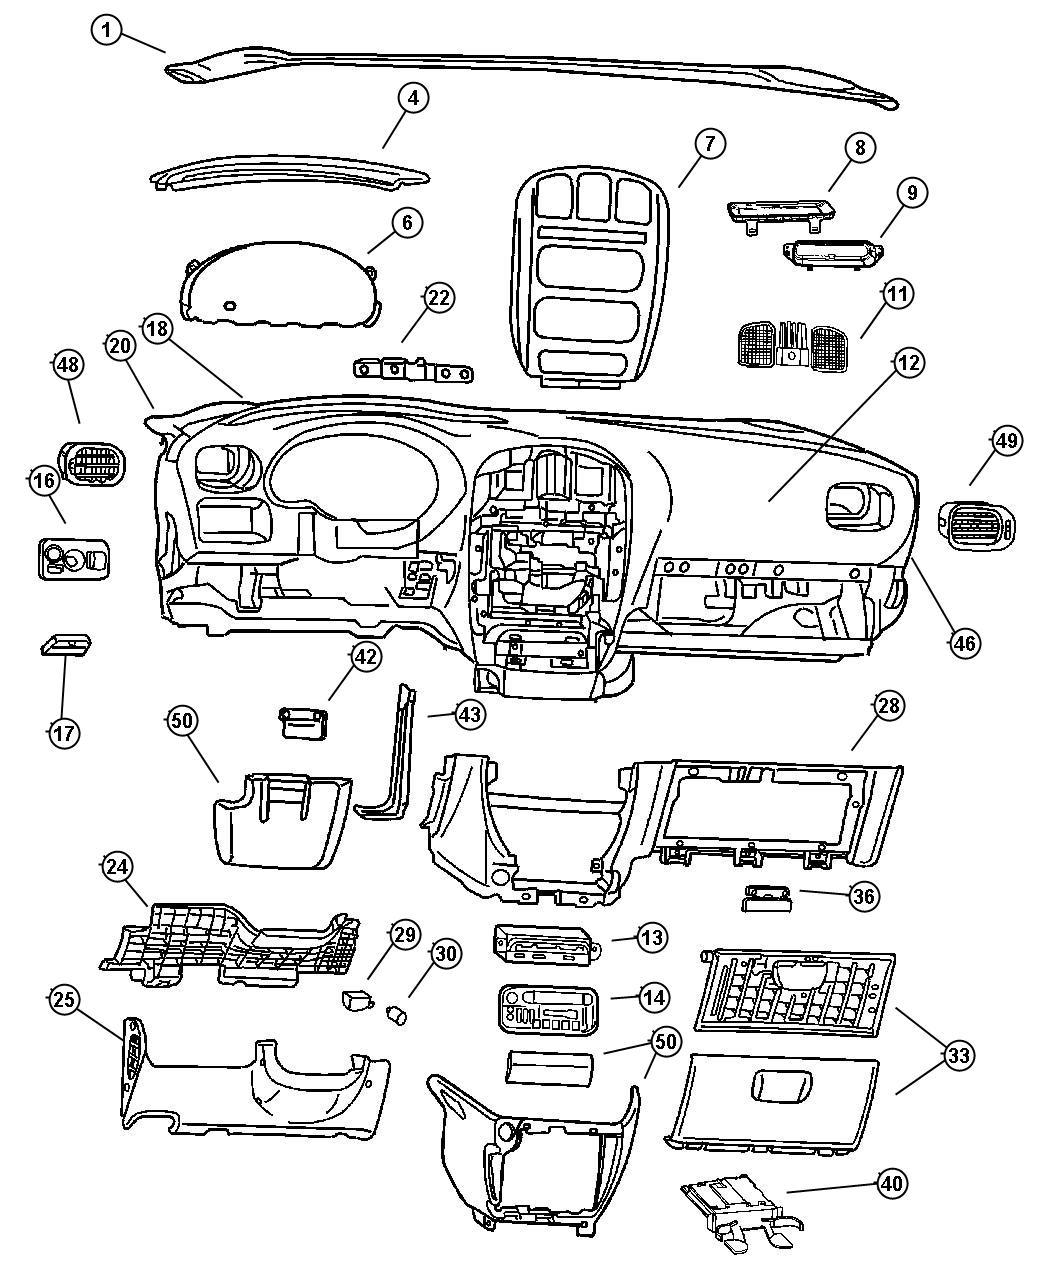 2003 Dodge Grand Caravan Bezel  Instrument Panel  Over